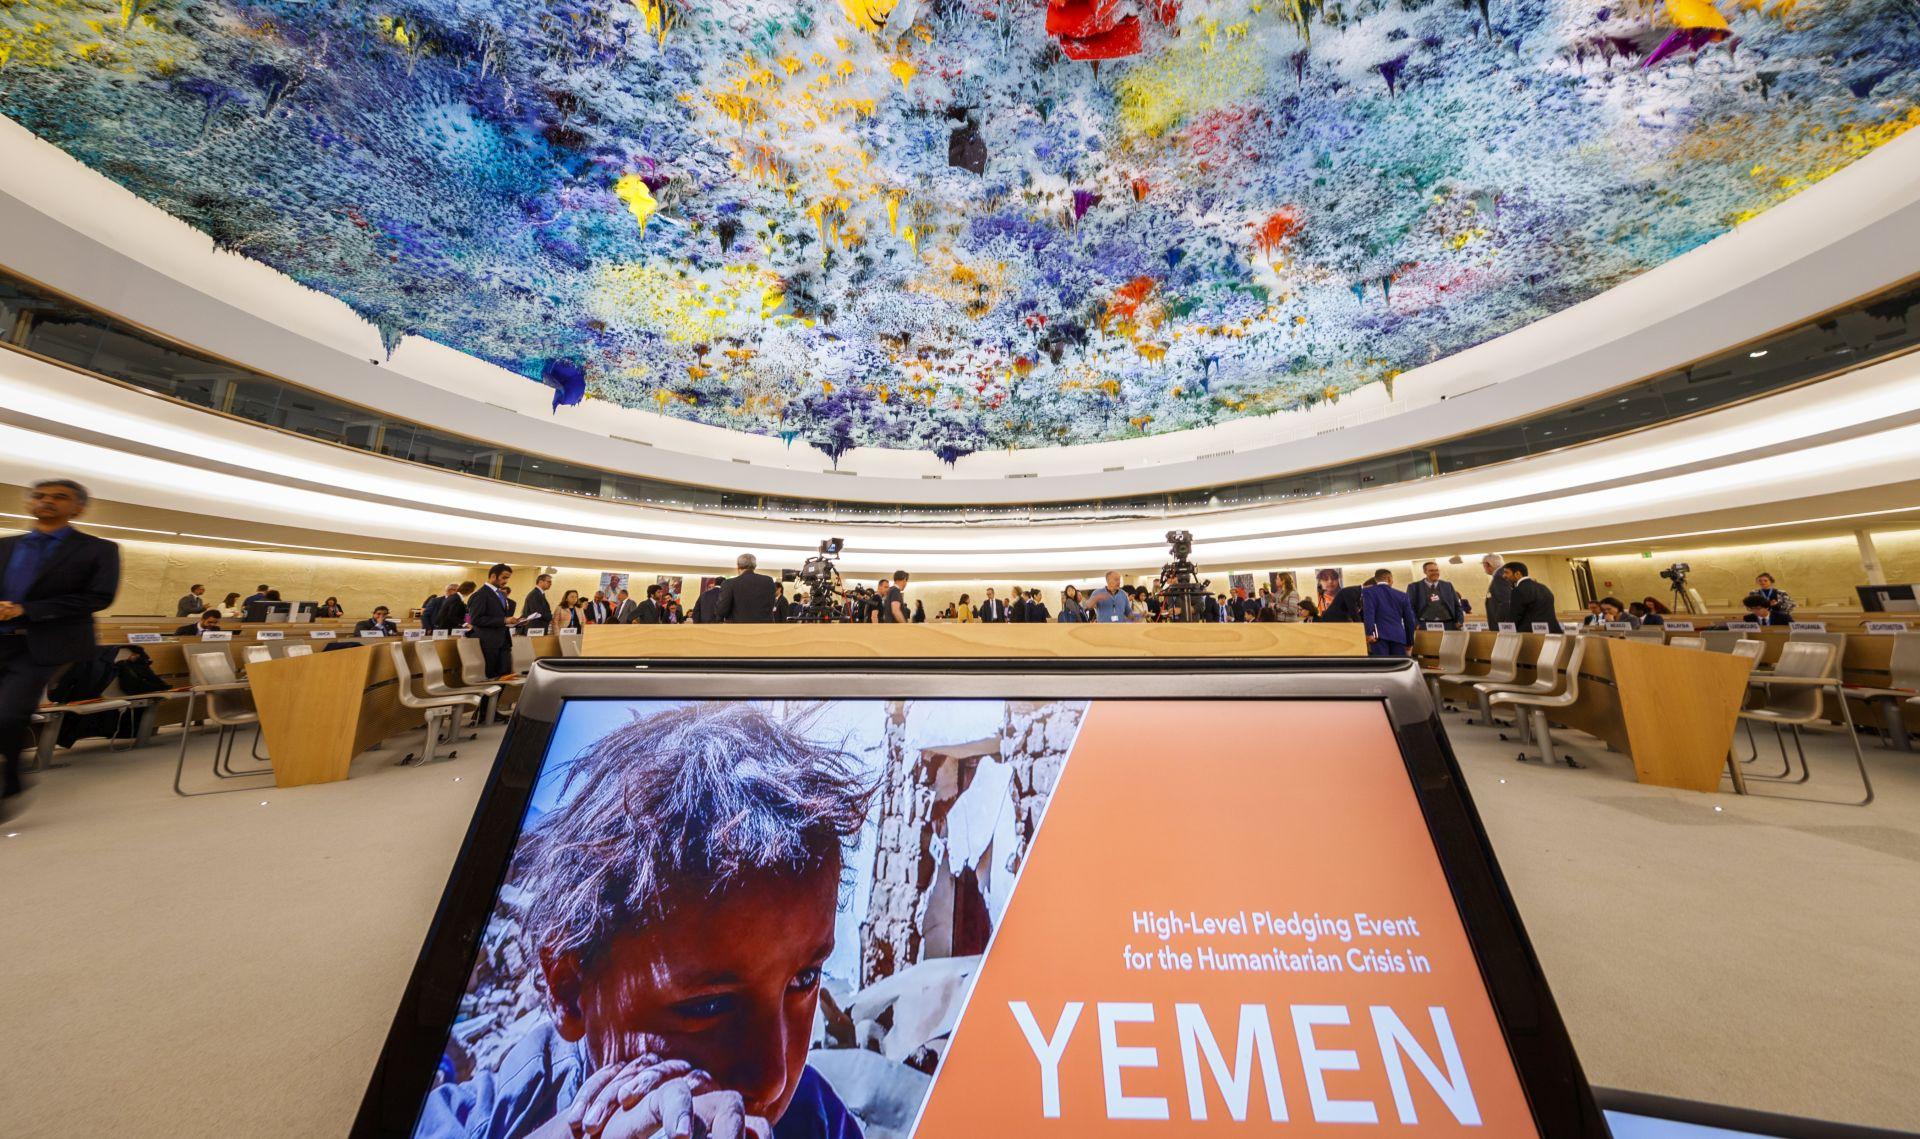 Donatori obećali veću pomoć Jemenu zbog velike gladi